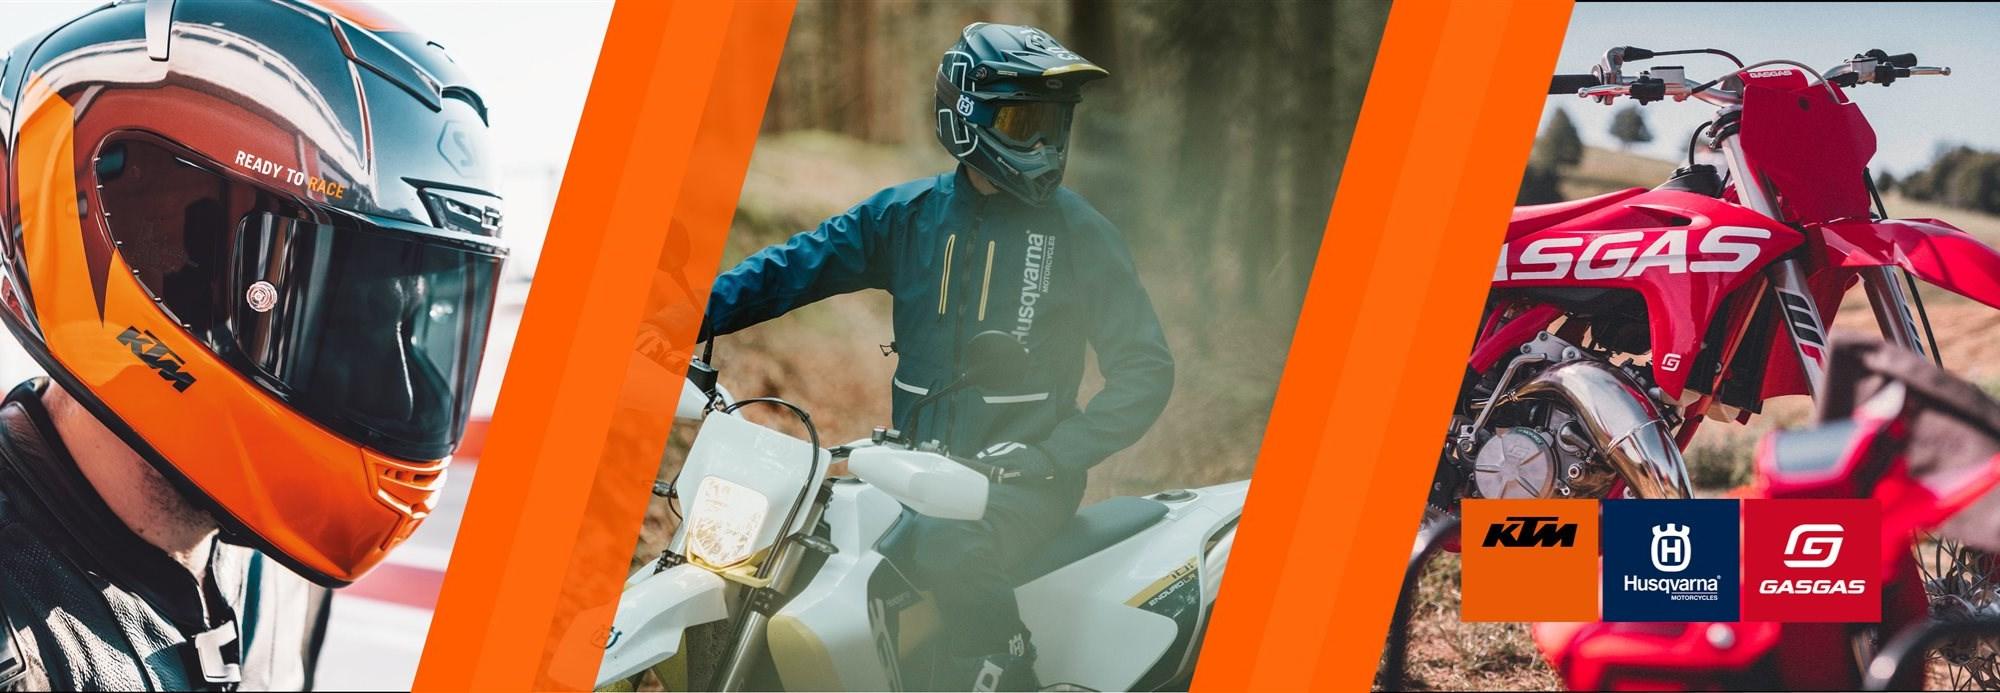 Willkommen bei GST Berlin - dein KTM und Husqvarna Motorrad Händler in Berlin Biesdorf und Dreilinden